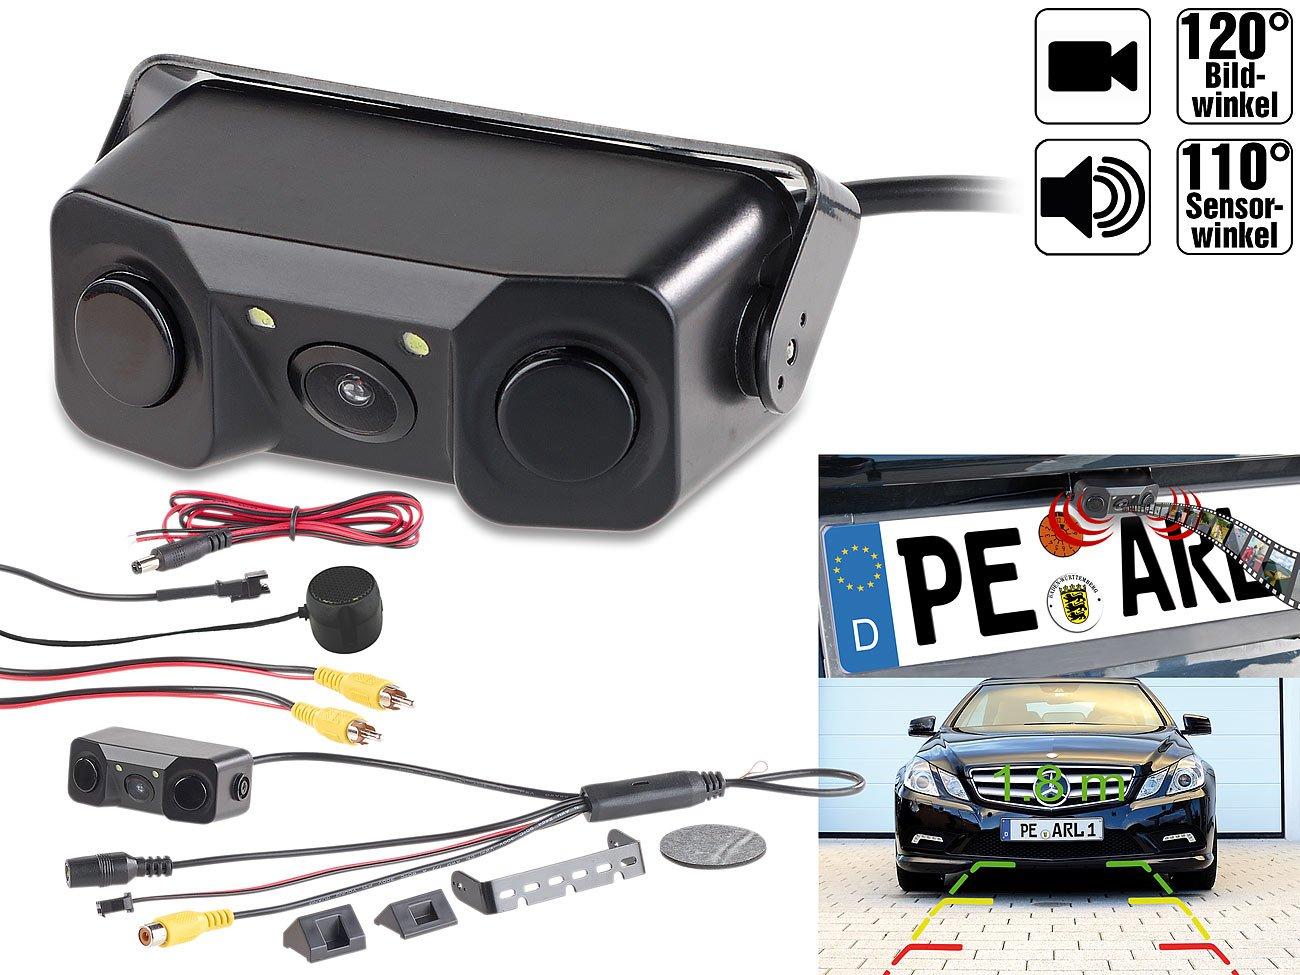 Lescars-Rckfahrtkamera-Farb-Rckfahrkamera-Einparkhilfe-m-Abstandswarner-LED-Ausleuchtung-Parksensor